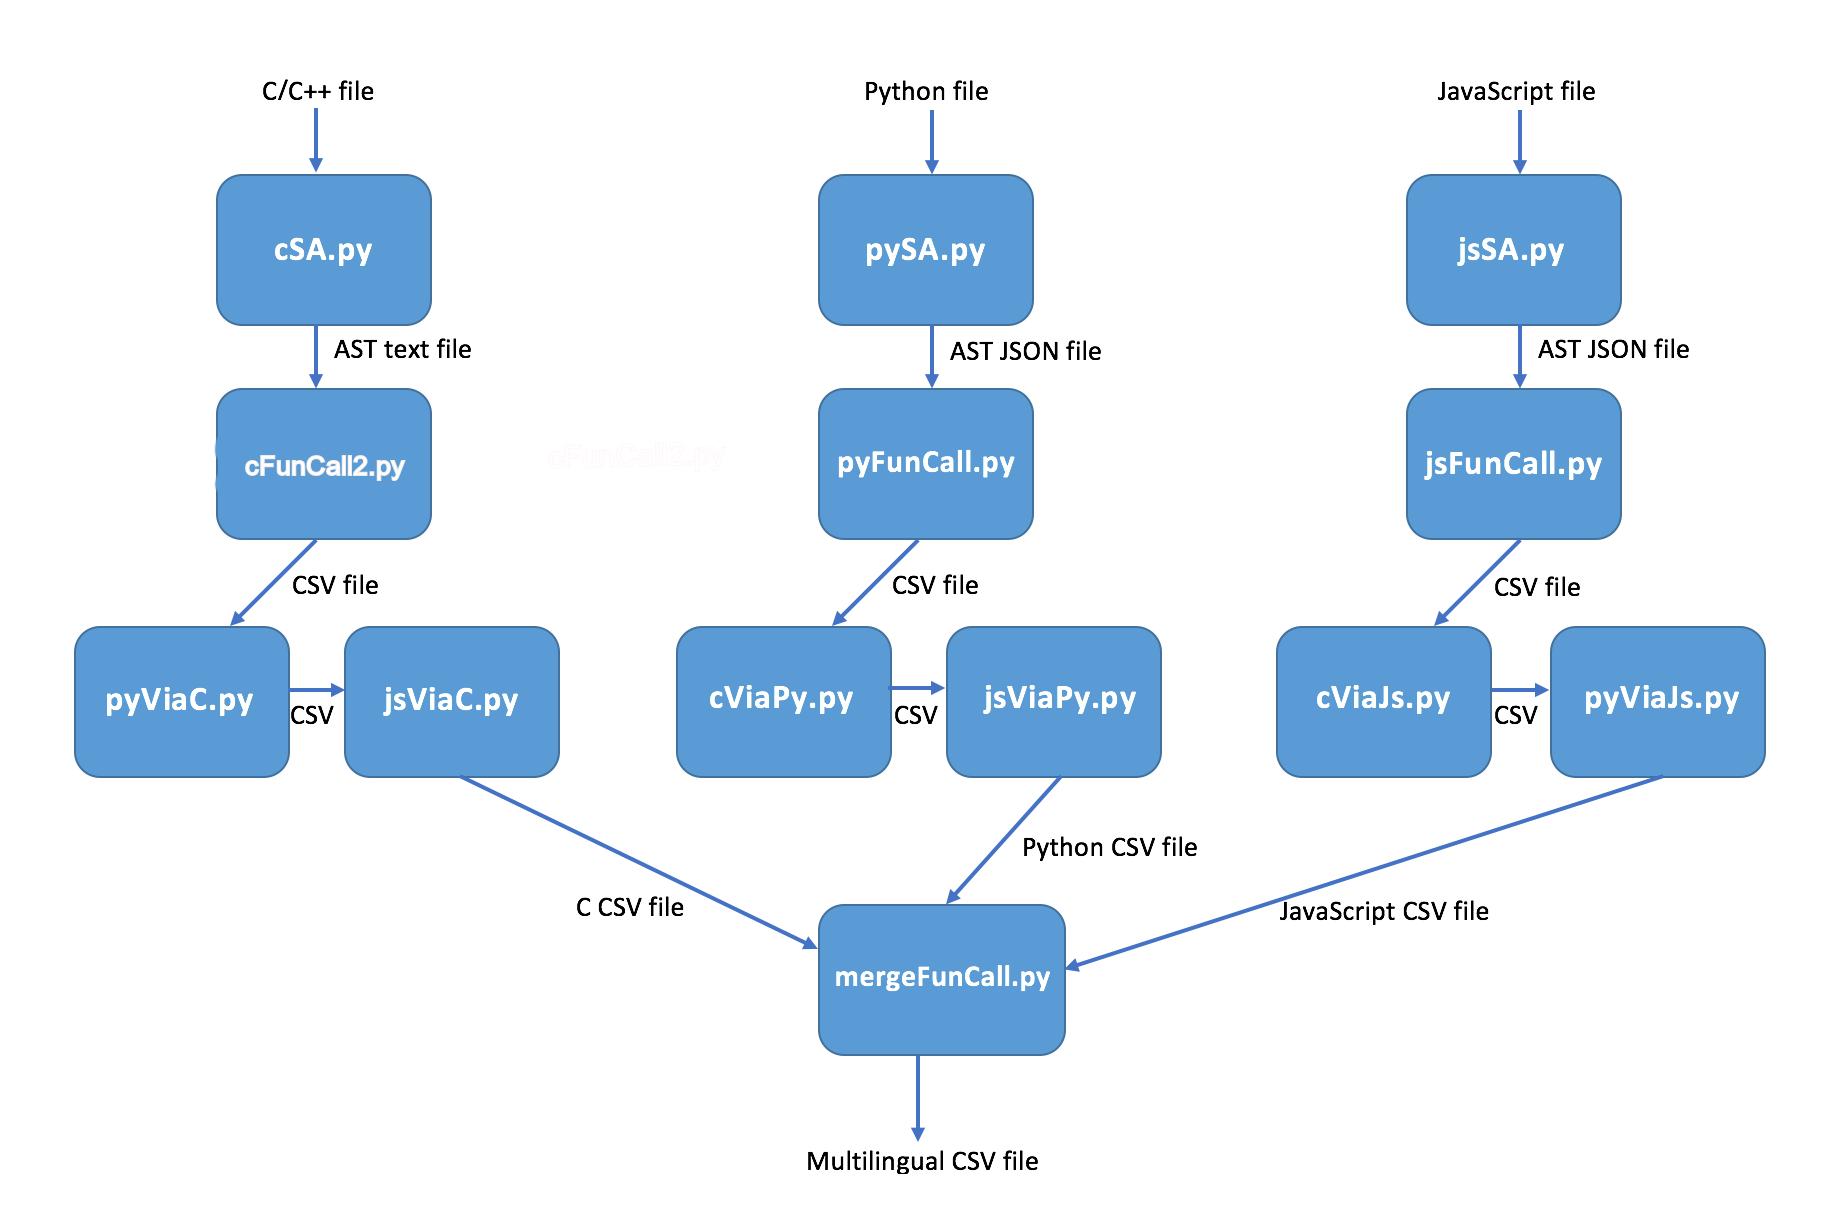 Static_Analysis_diagram2.png